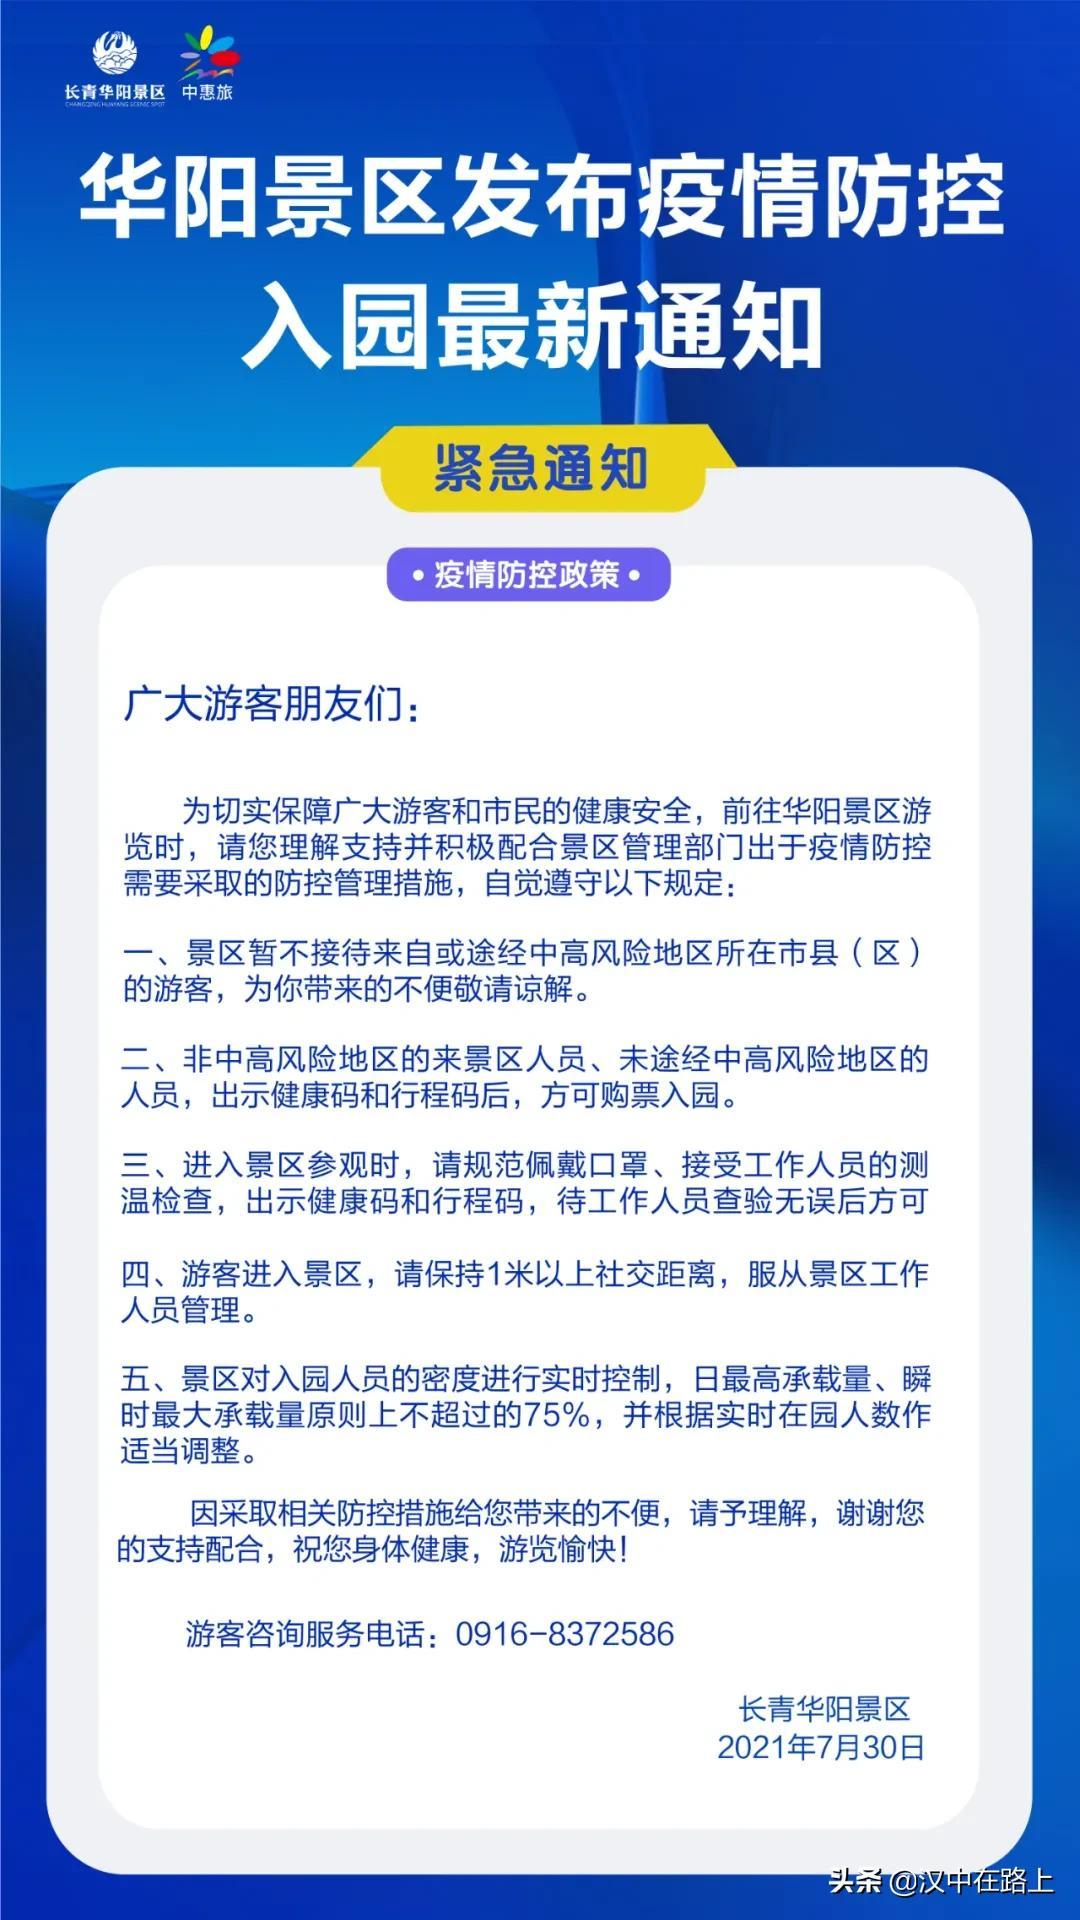 汉中华阳景区采取疫情防控措施守护游客安全